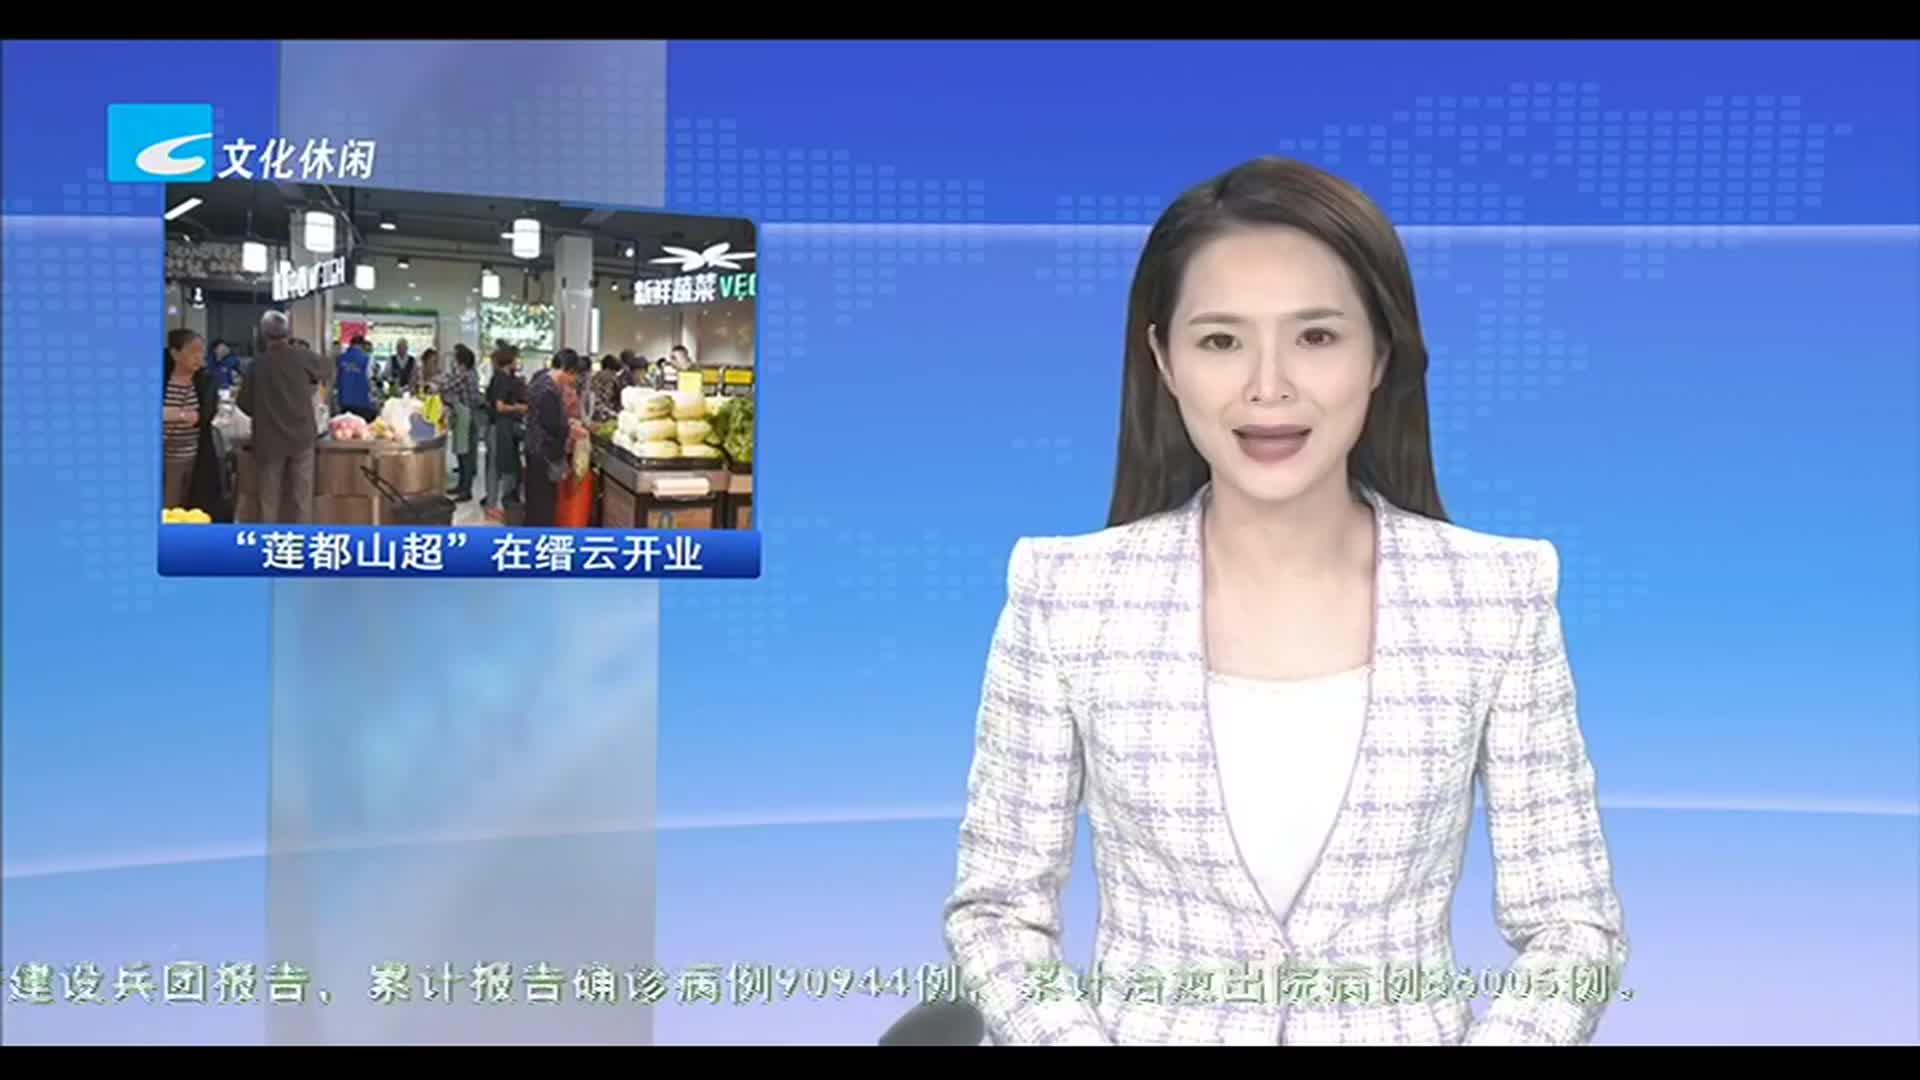 【莲都新闻】2021.5.21